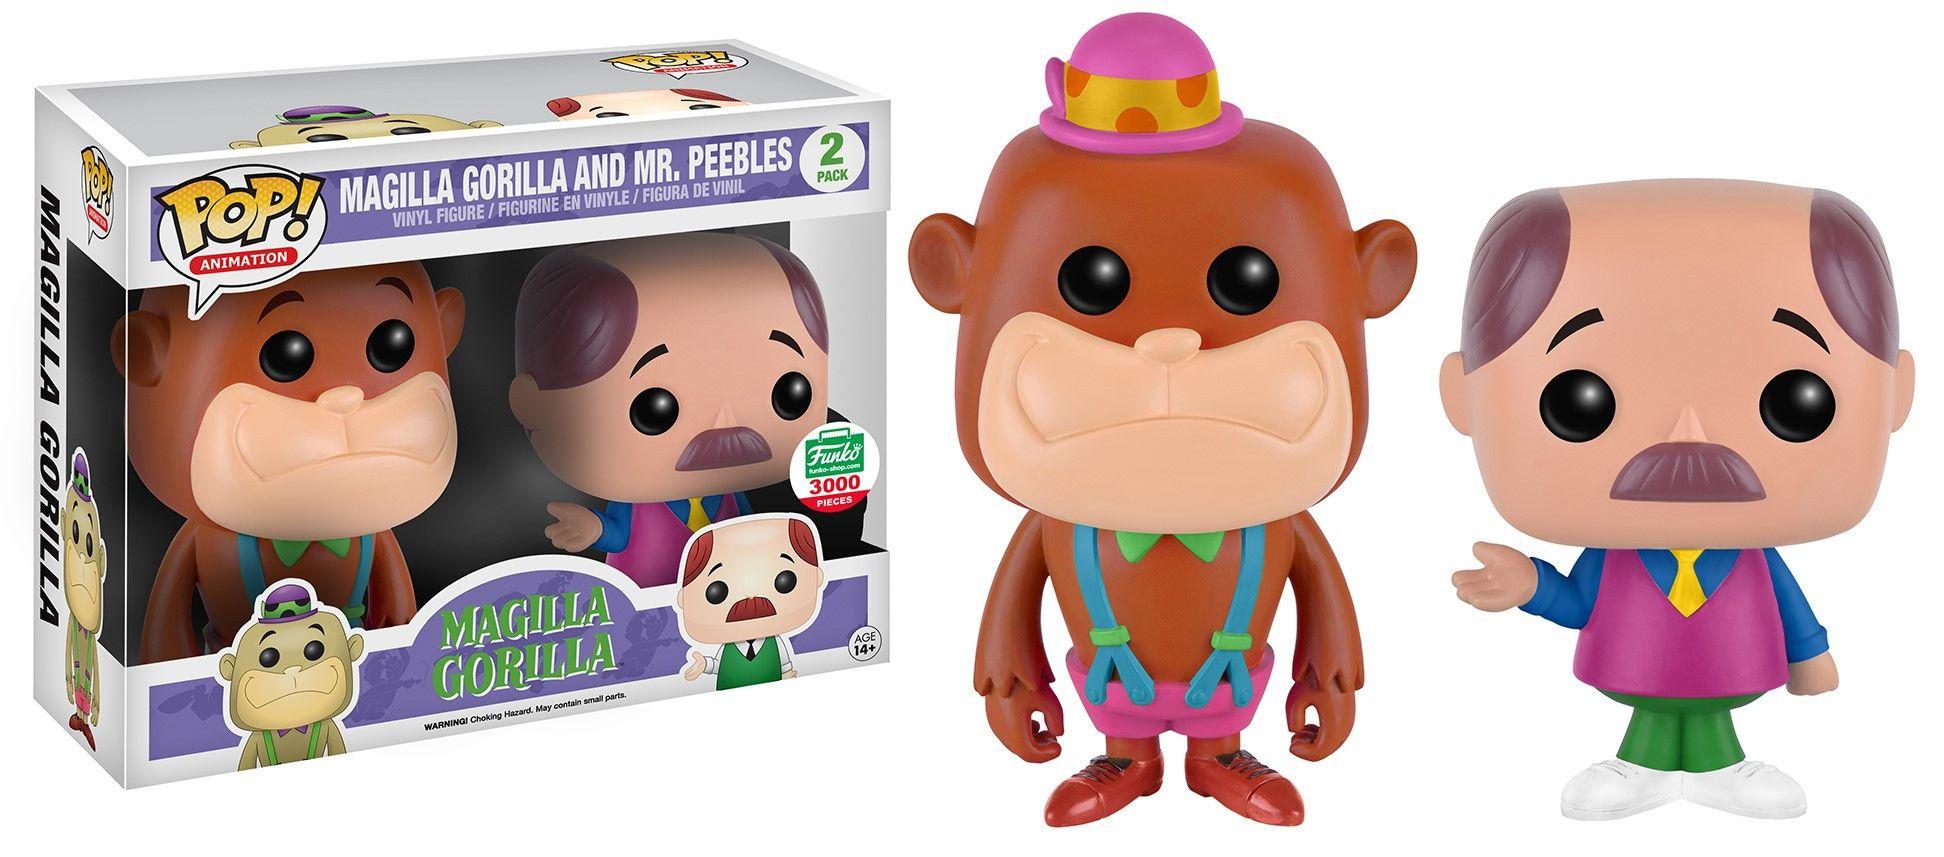 Neon Magilla Gorilla & Mr. Peebles Neon colors, Pop figure 2-pack by Funko, Funko-Shop exclusive LE 3,000 pieces